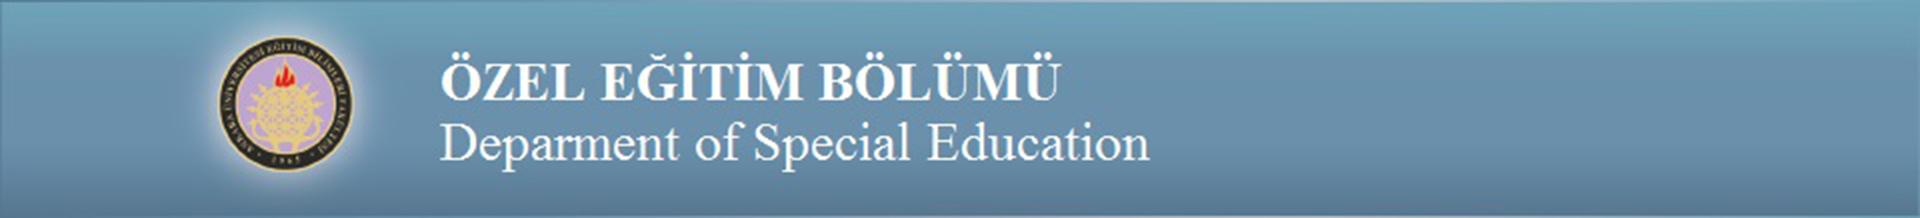 Ankara Üniversitesi Özel Eğitim Bölümü